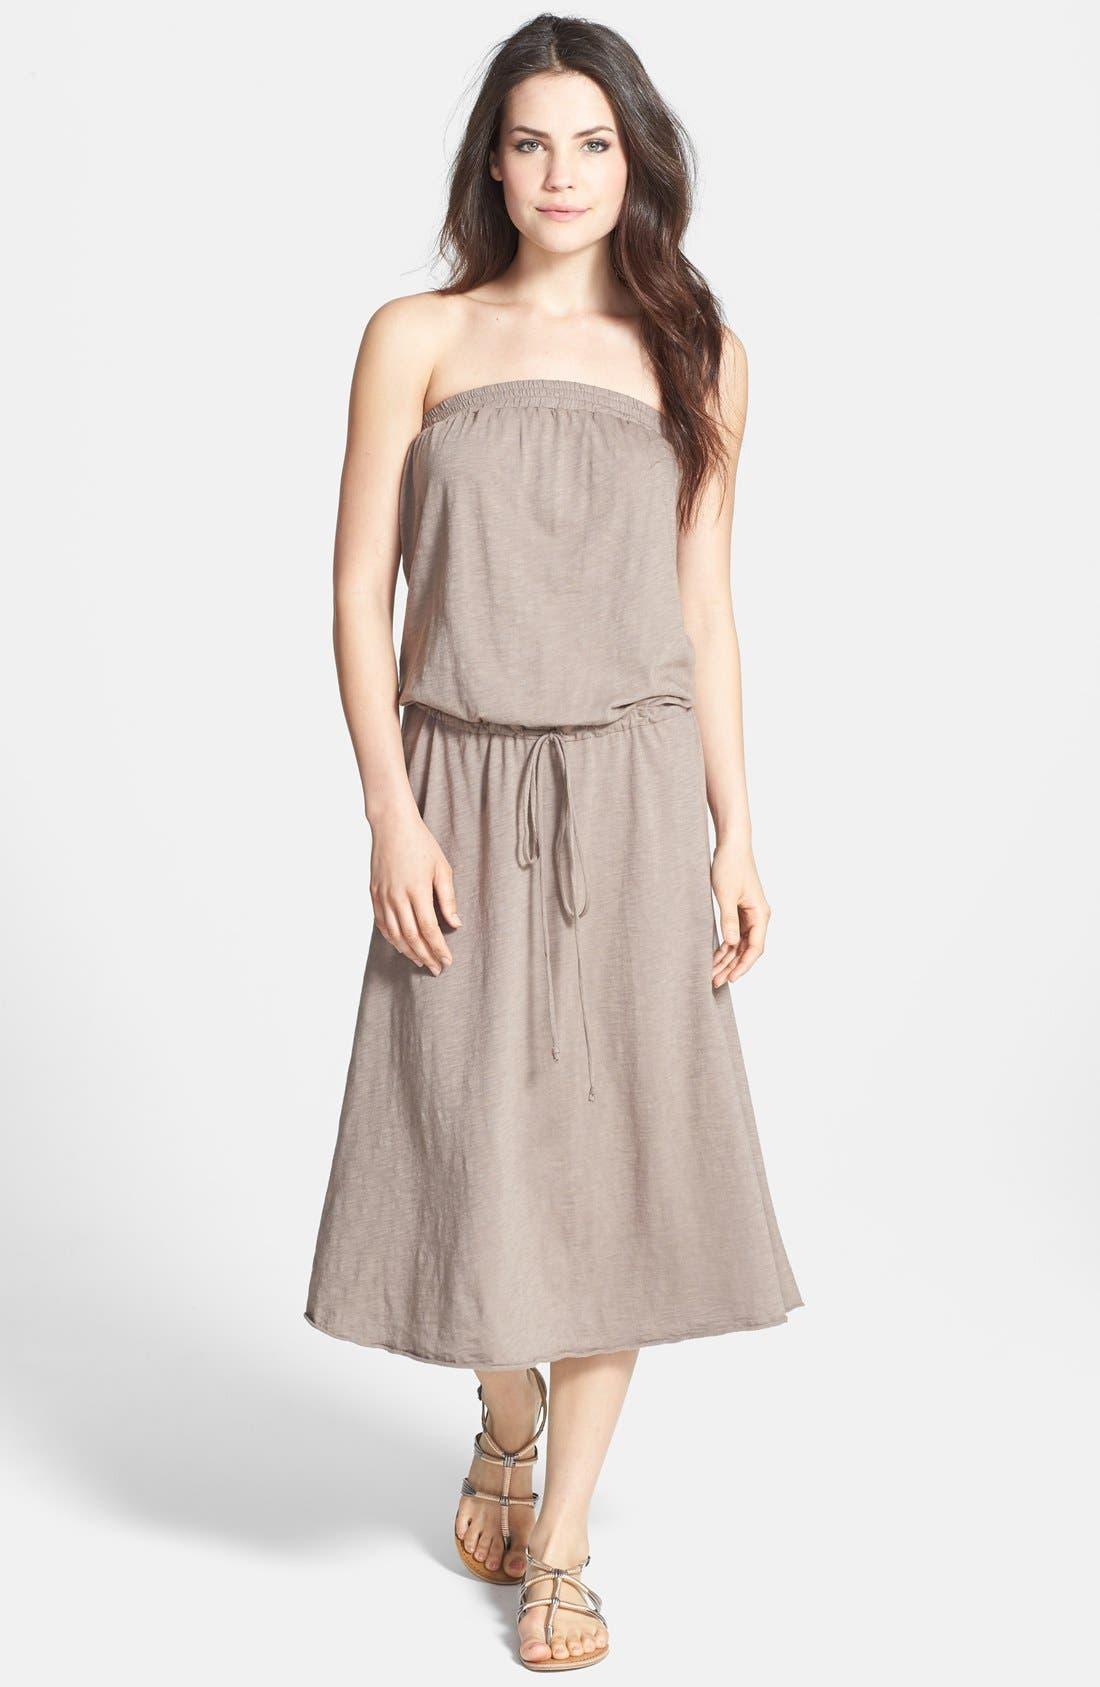 Alternate Image 1 Selected - Allen Allen Strapless Tube Dress